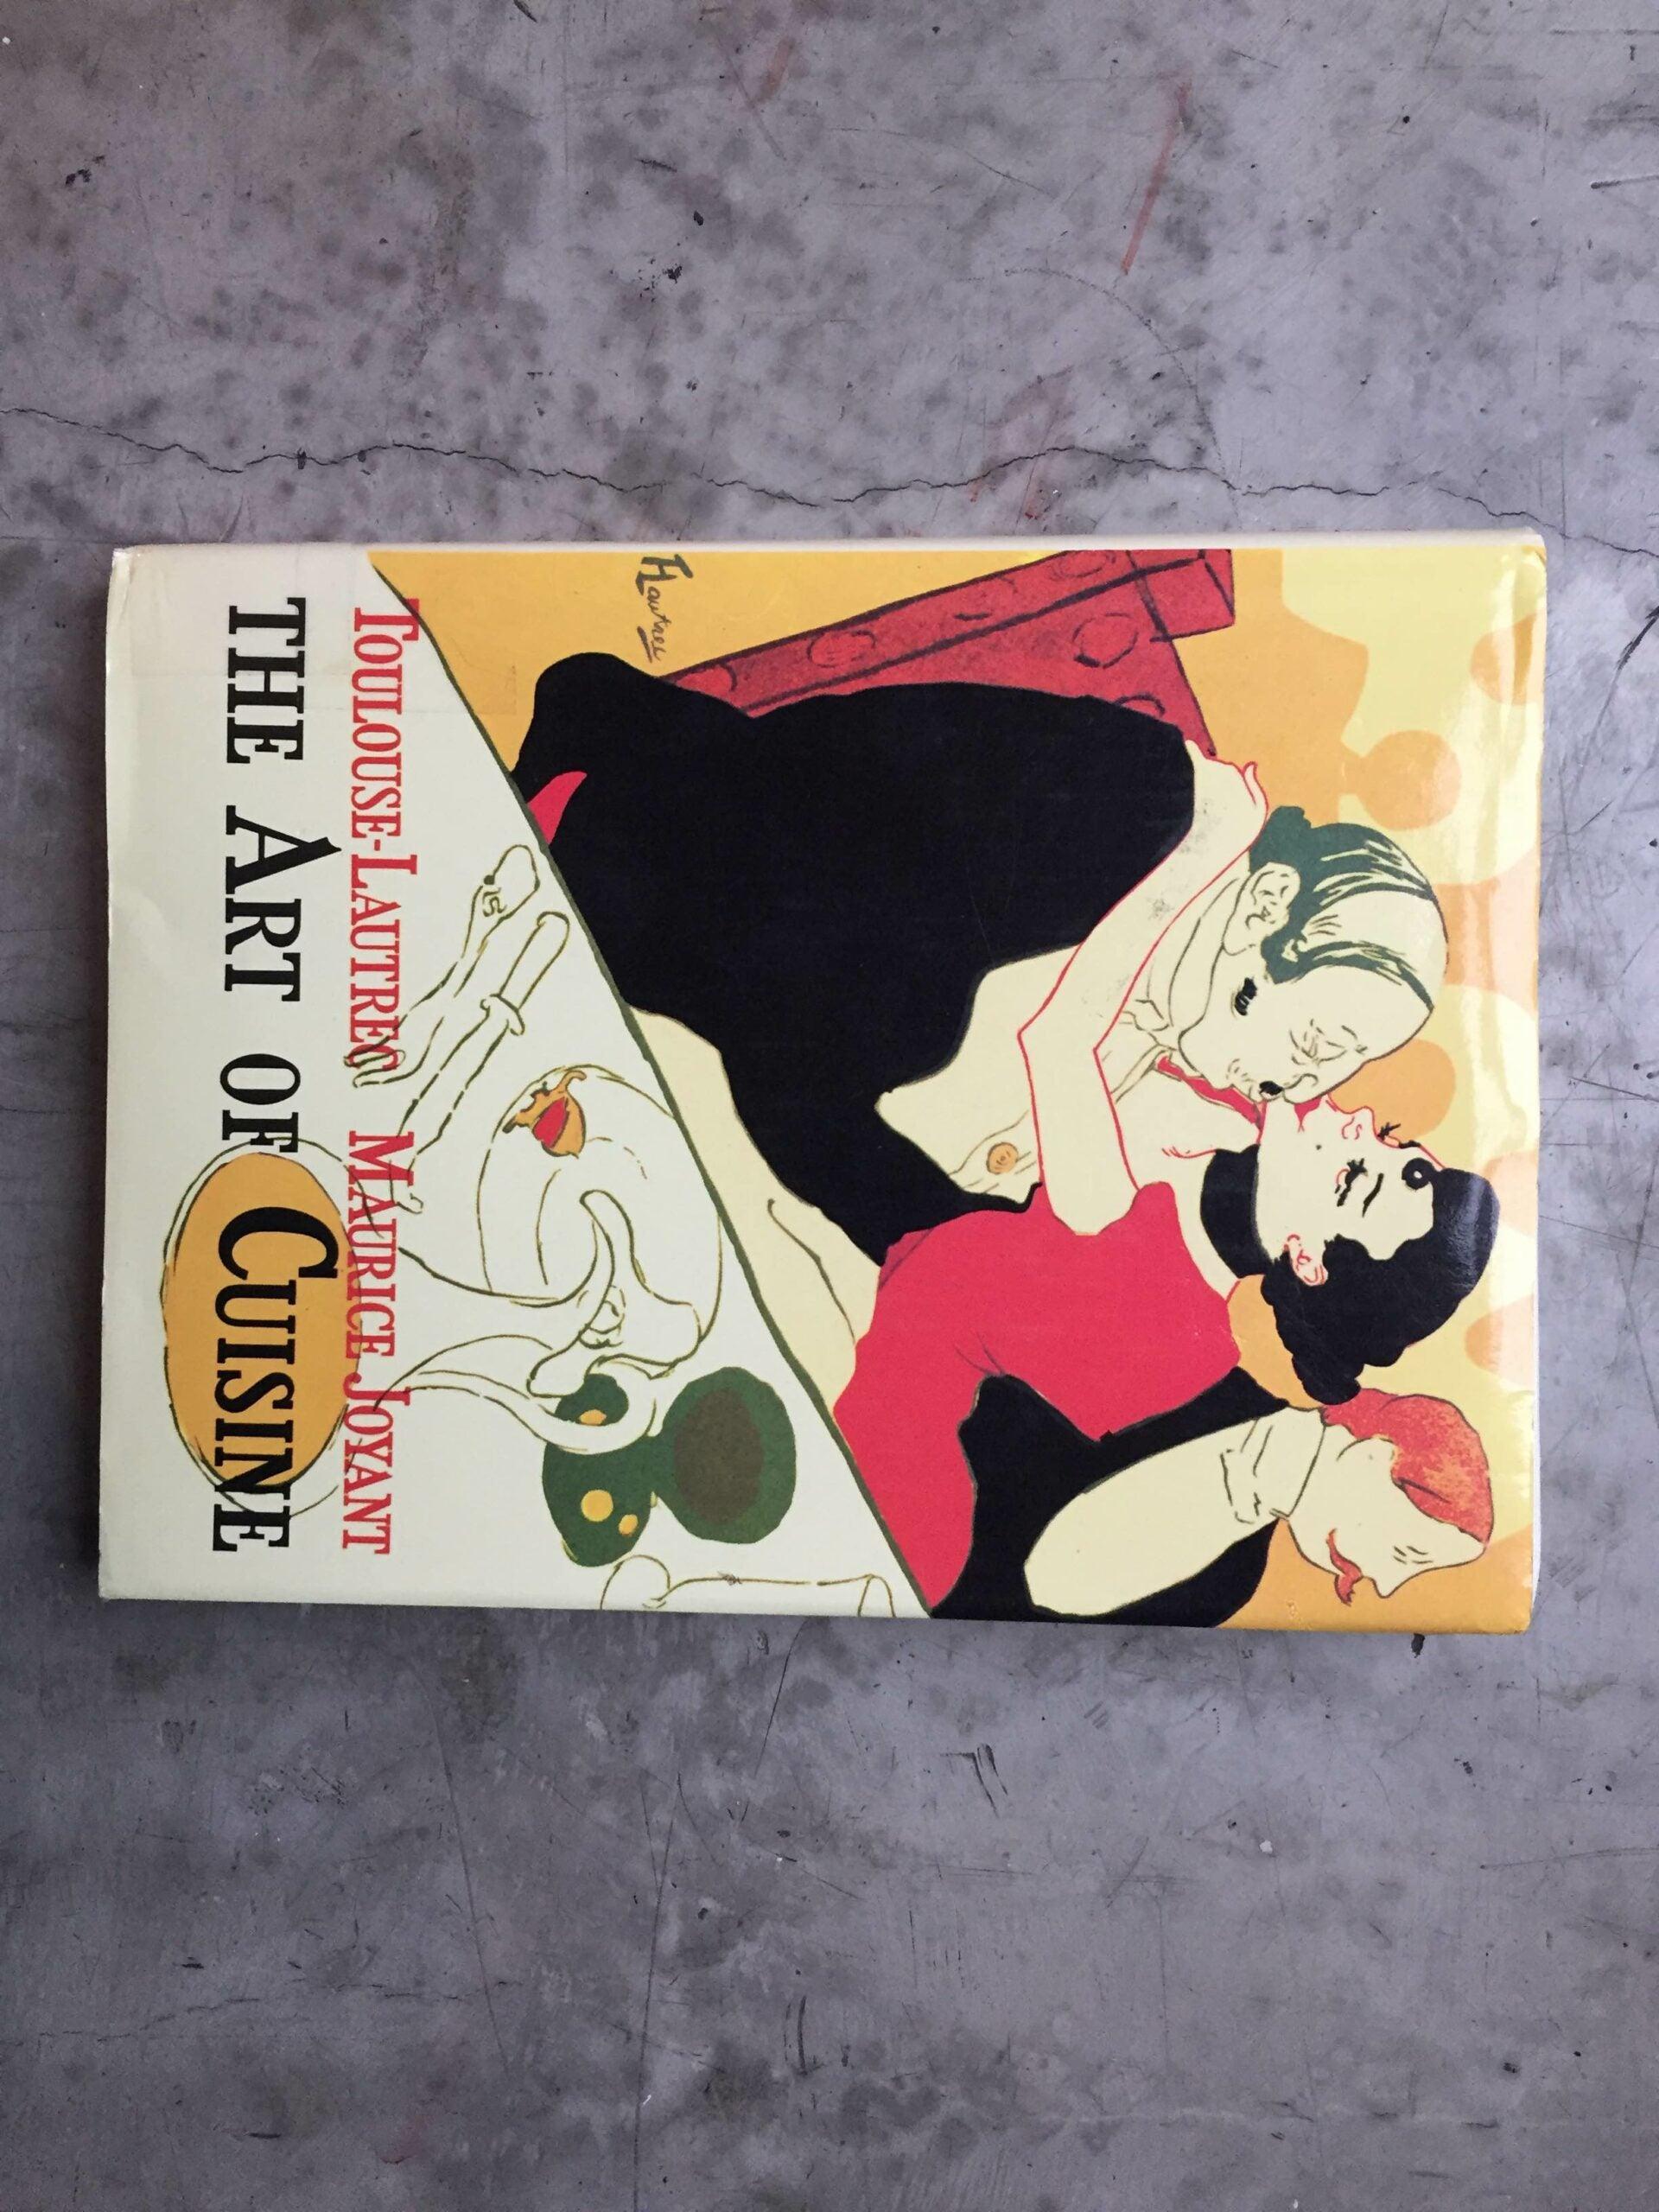 Toulouse-Lautrec - The Art of Cuisine